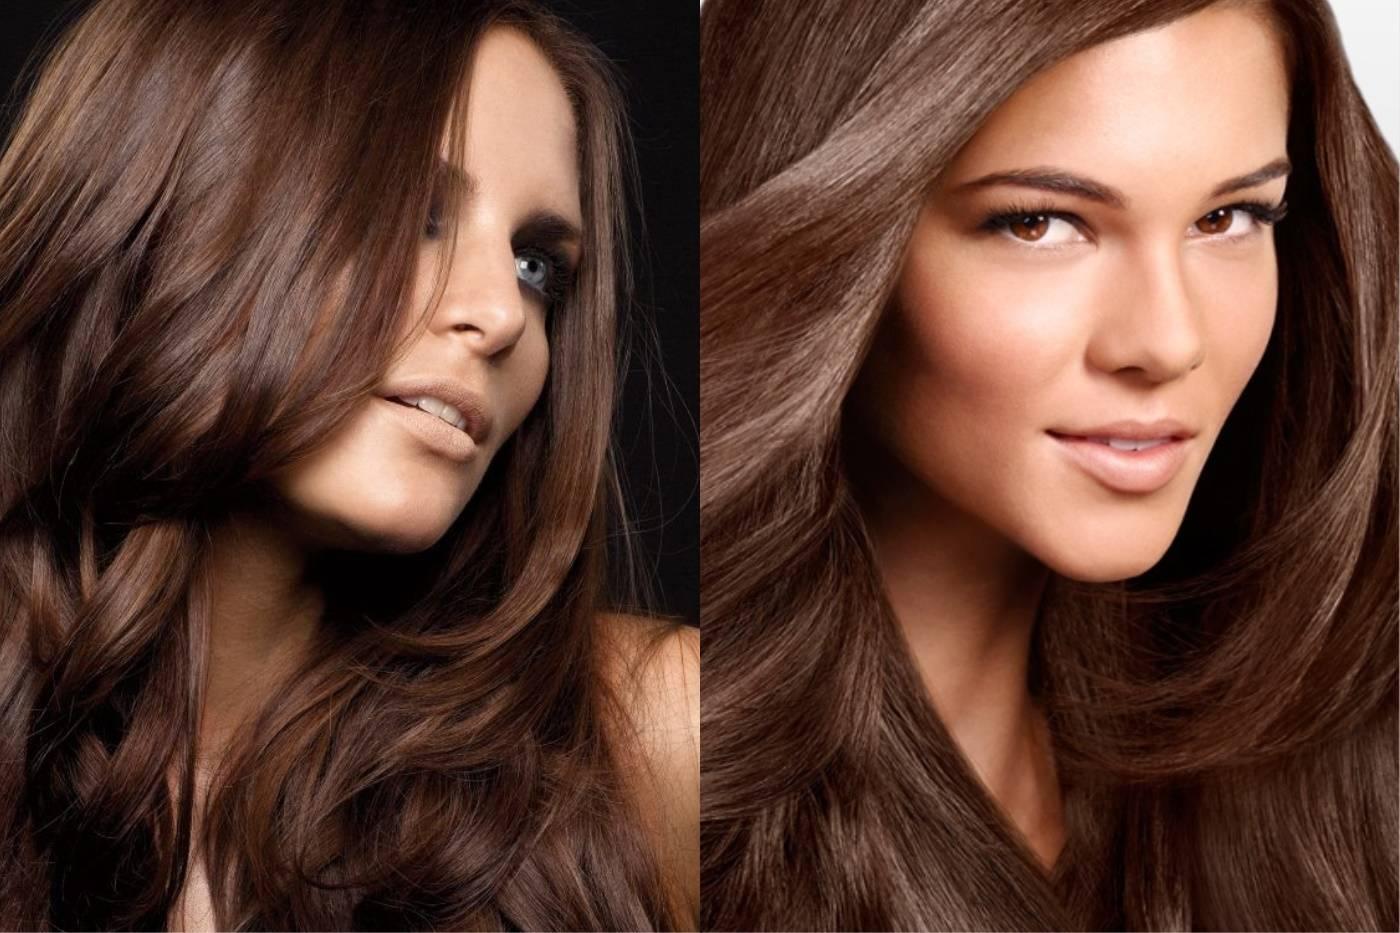 Светло-русый цвет волос (70 фото): как перекраситься из темно-русого? бежевые и перламутровые оттенки. эффект окрашивания: до и после